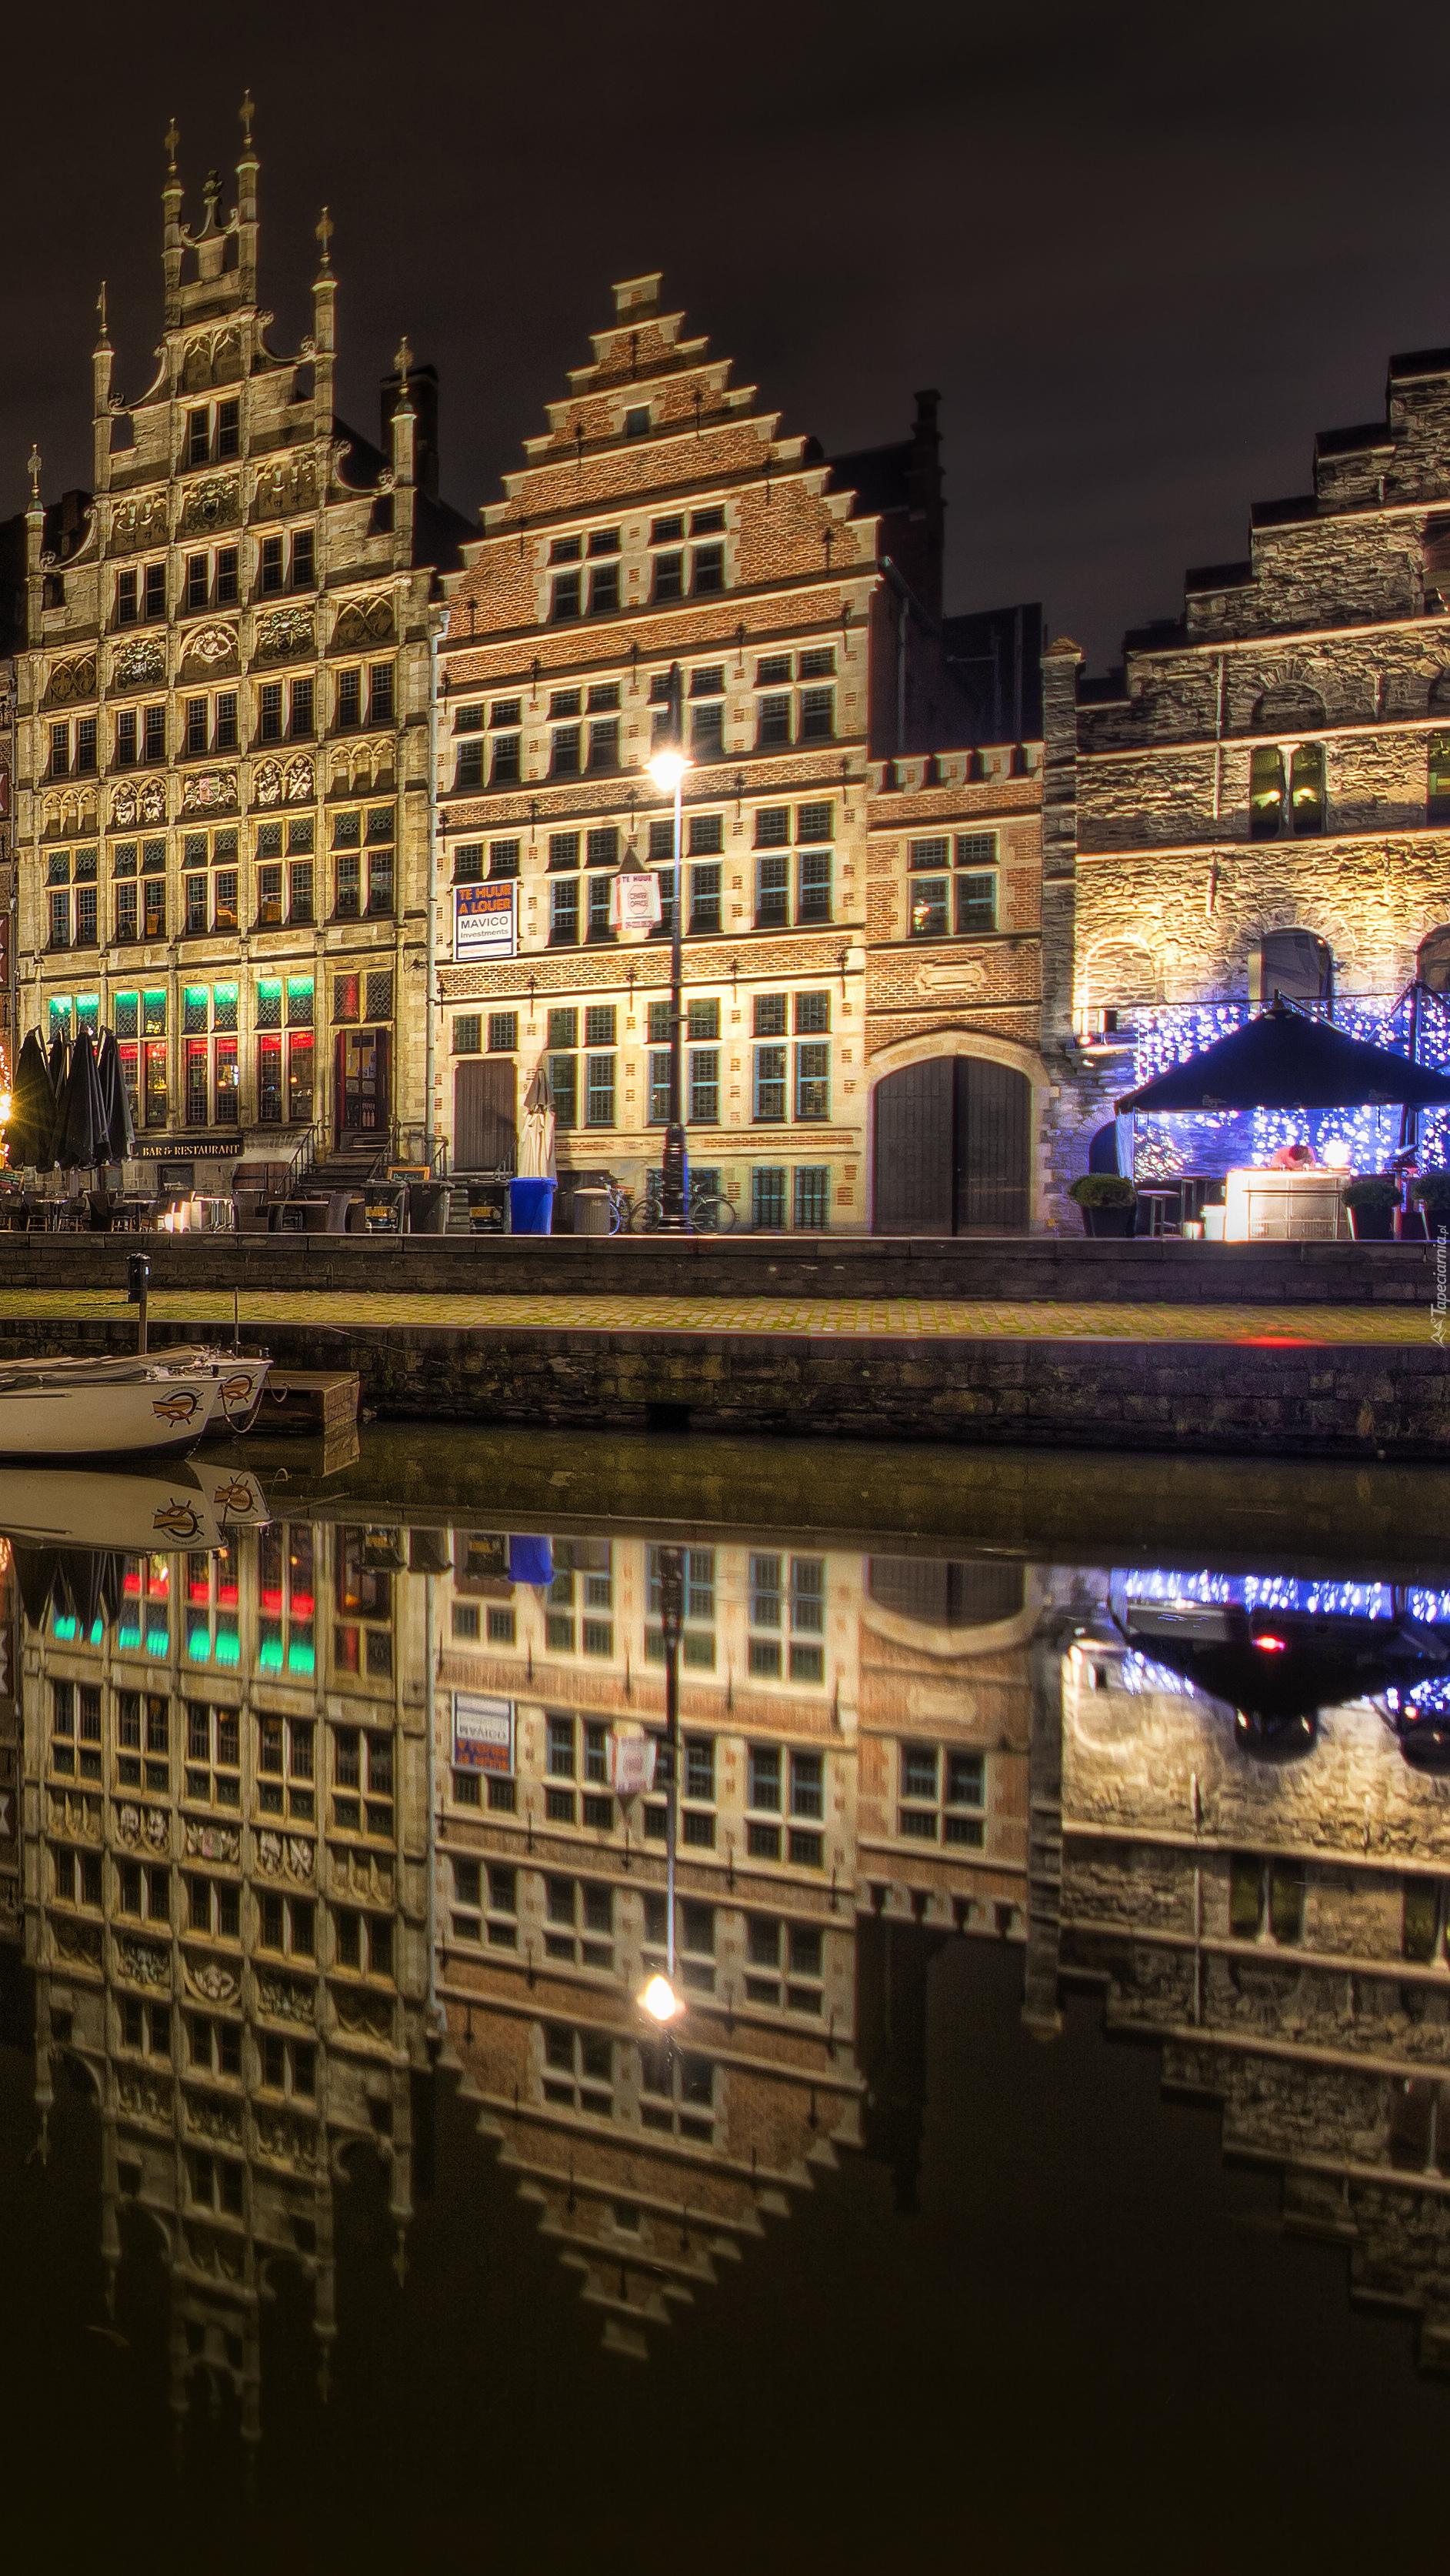 Oświetlone budynki nocą